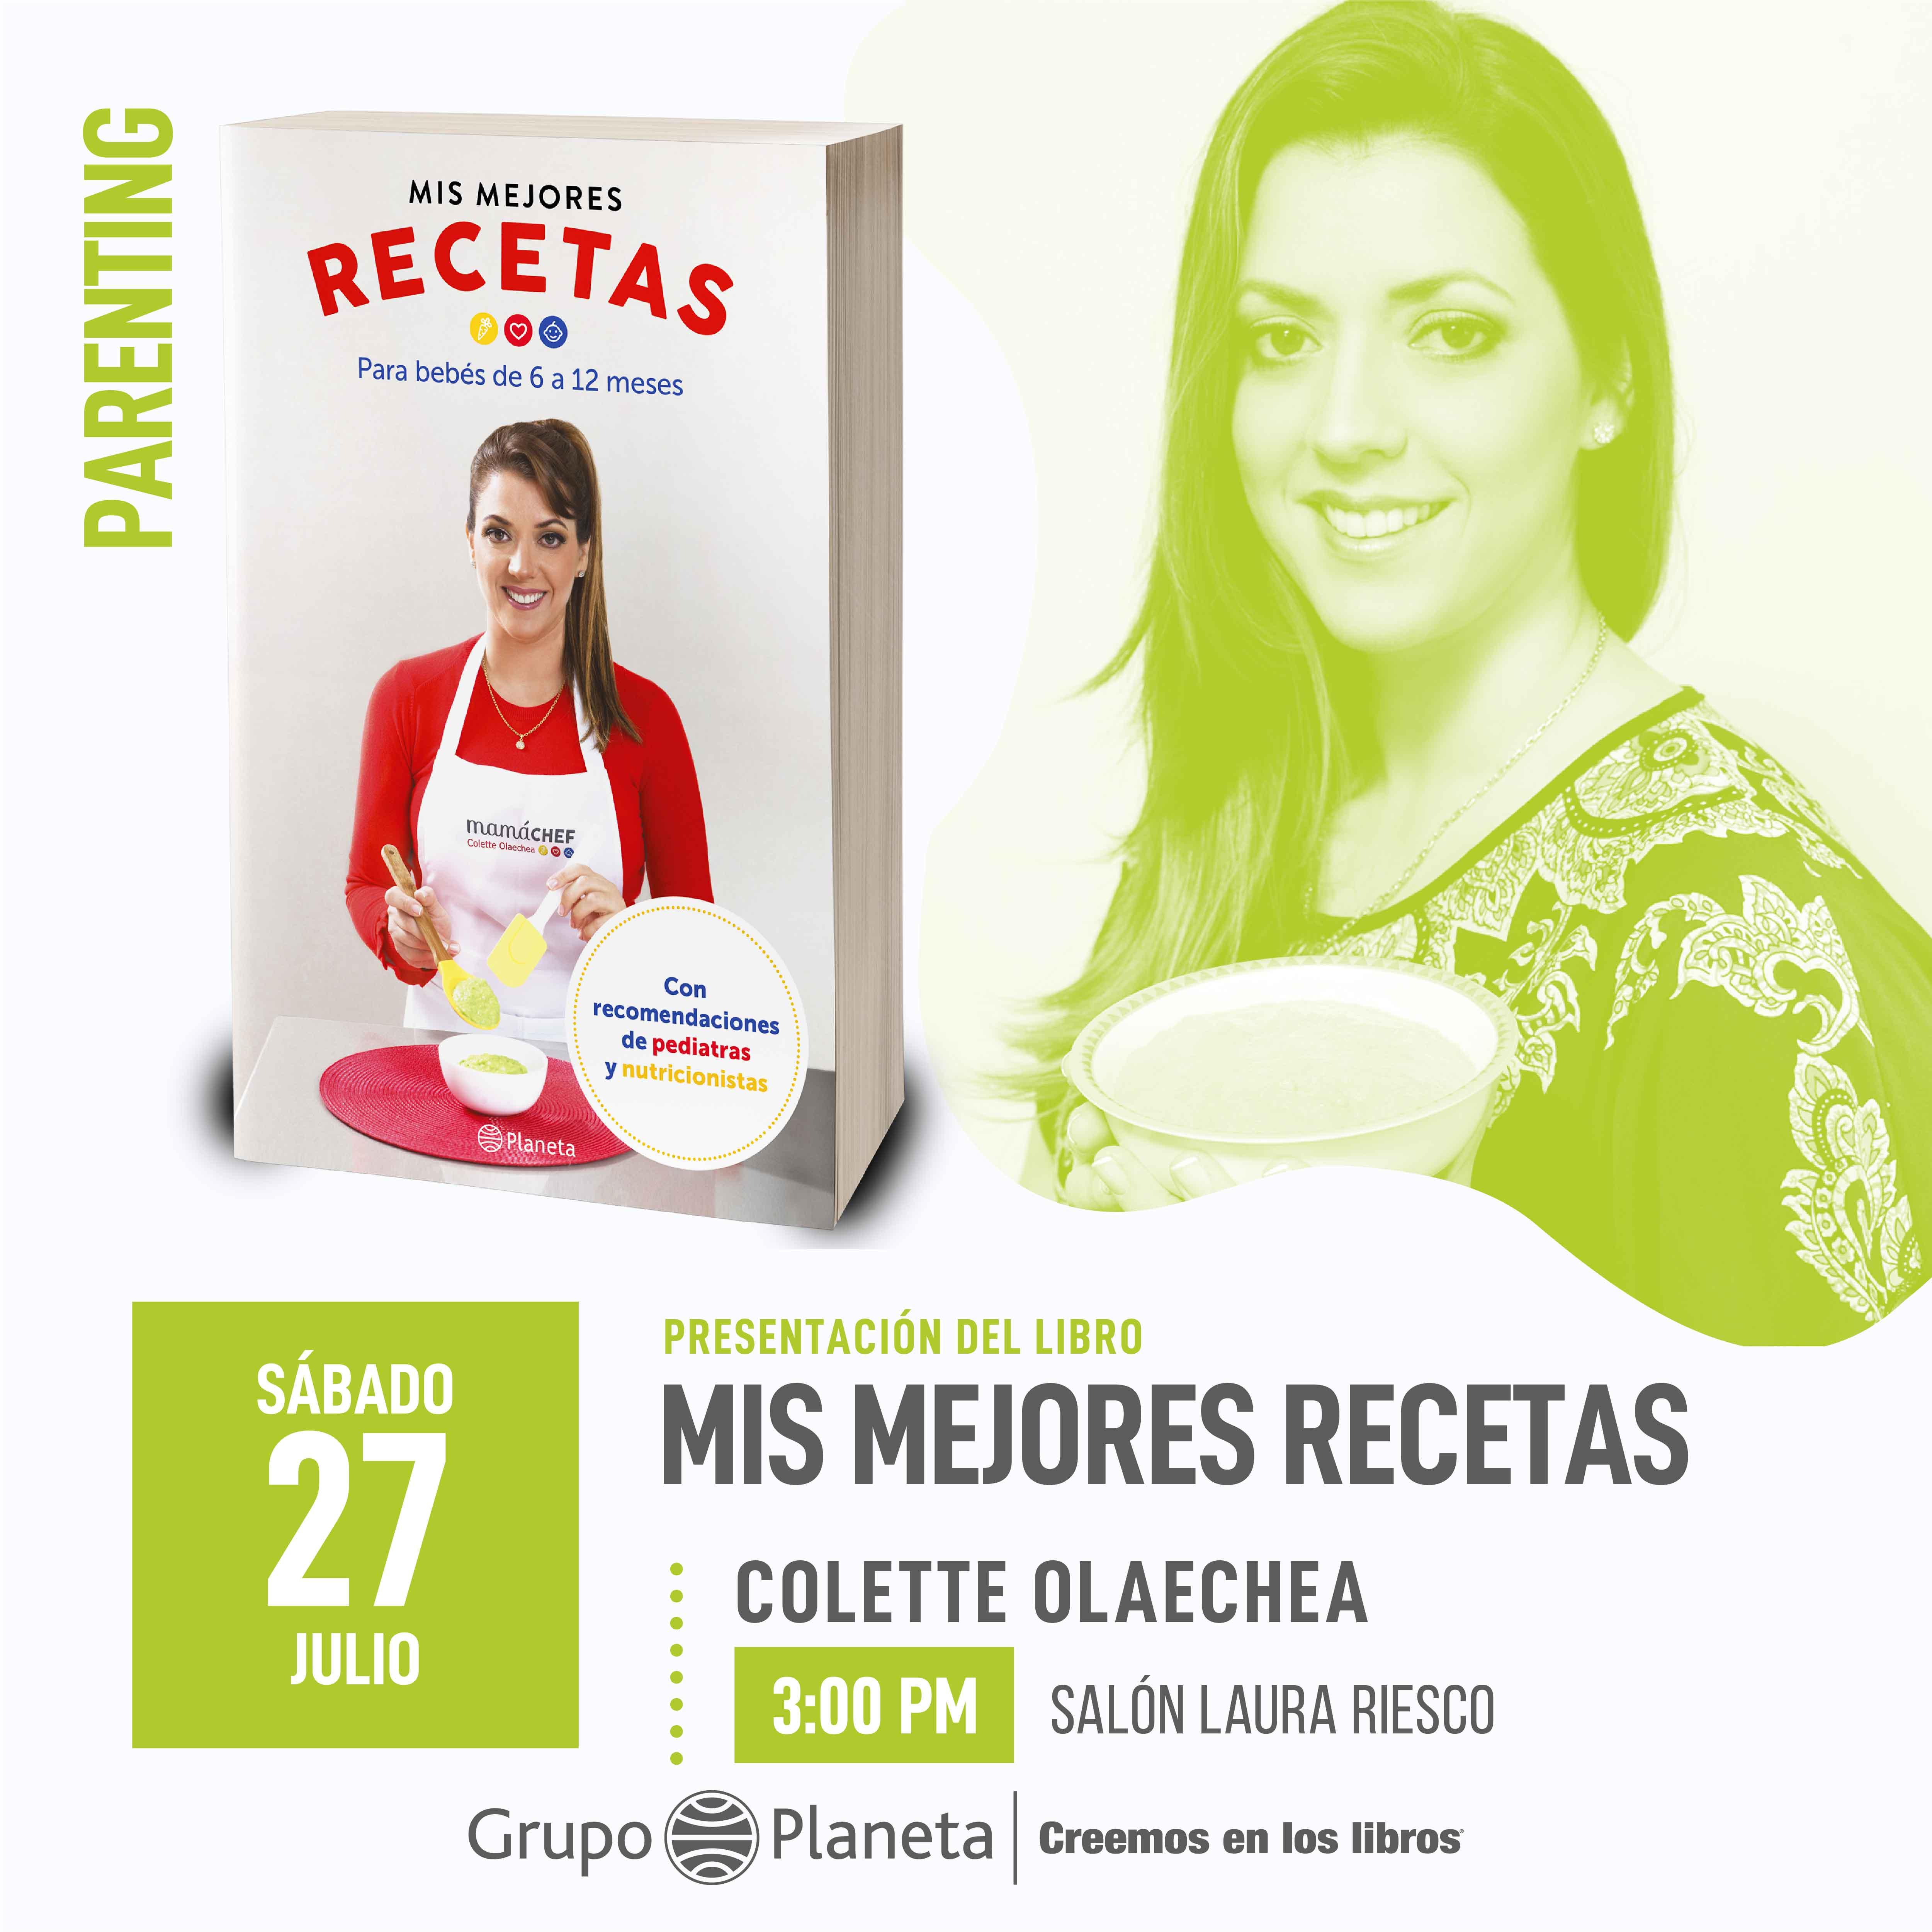 FIL 2019 - Mis Mejores Recetas - Mamá Chef Colette Olaechea- presenta el sábado 27 de julio a las 3pm en el salón Laura Riesco